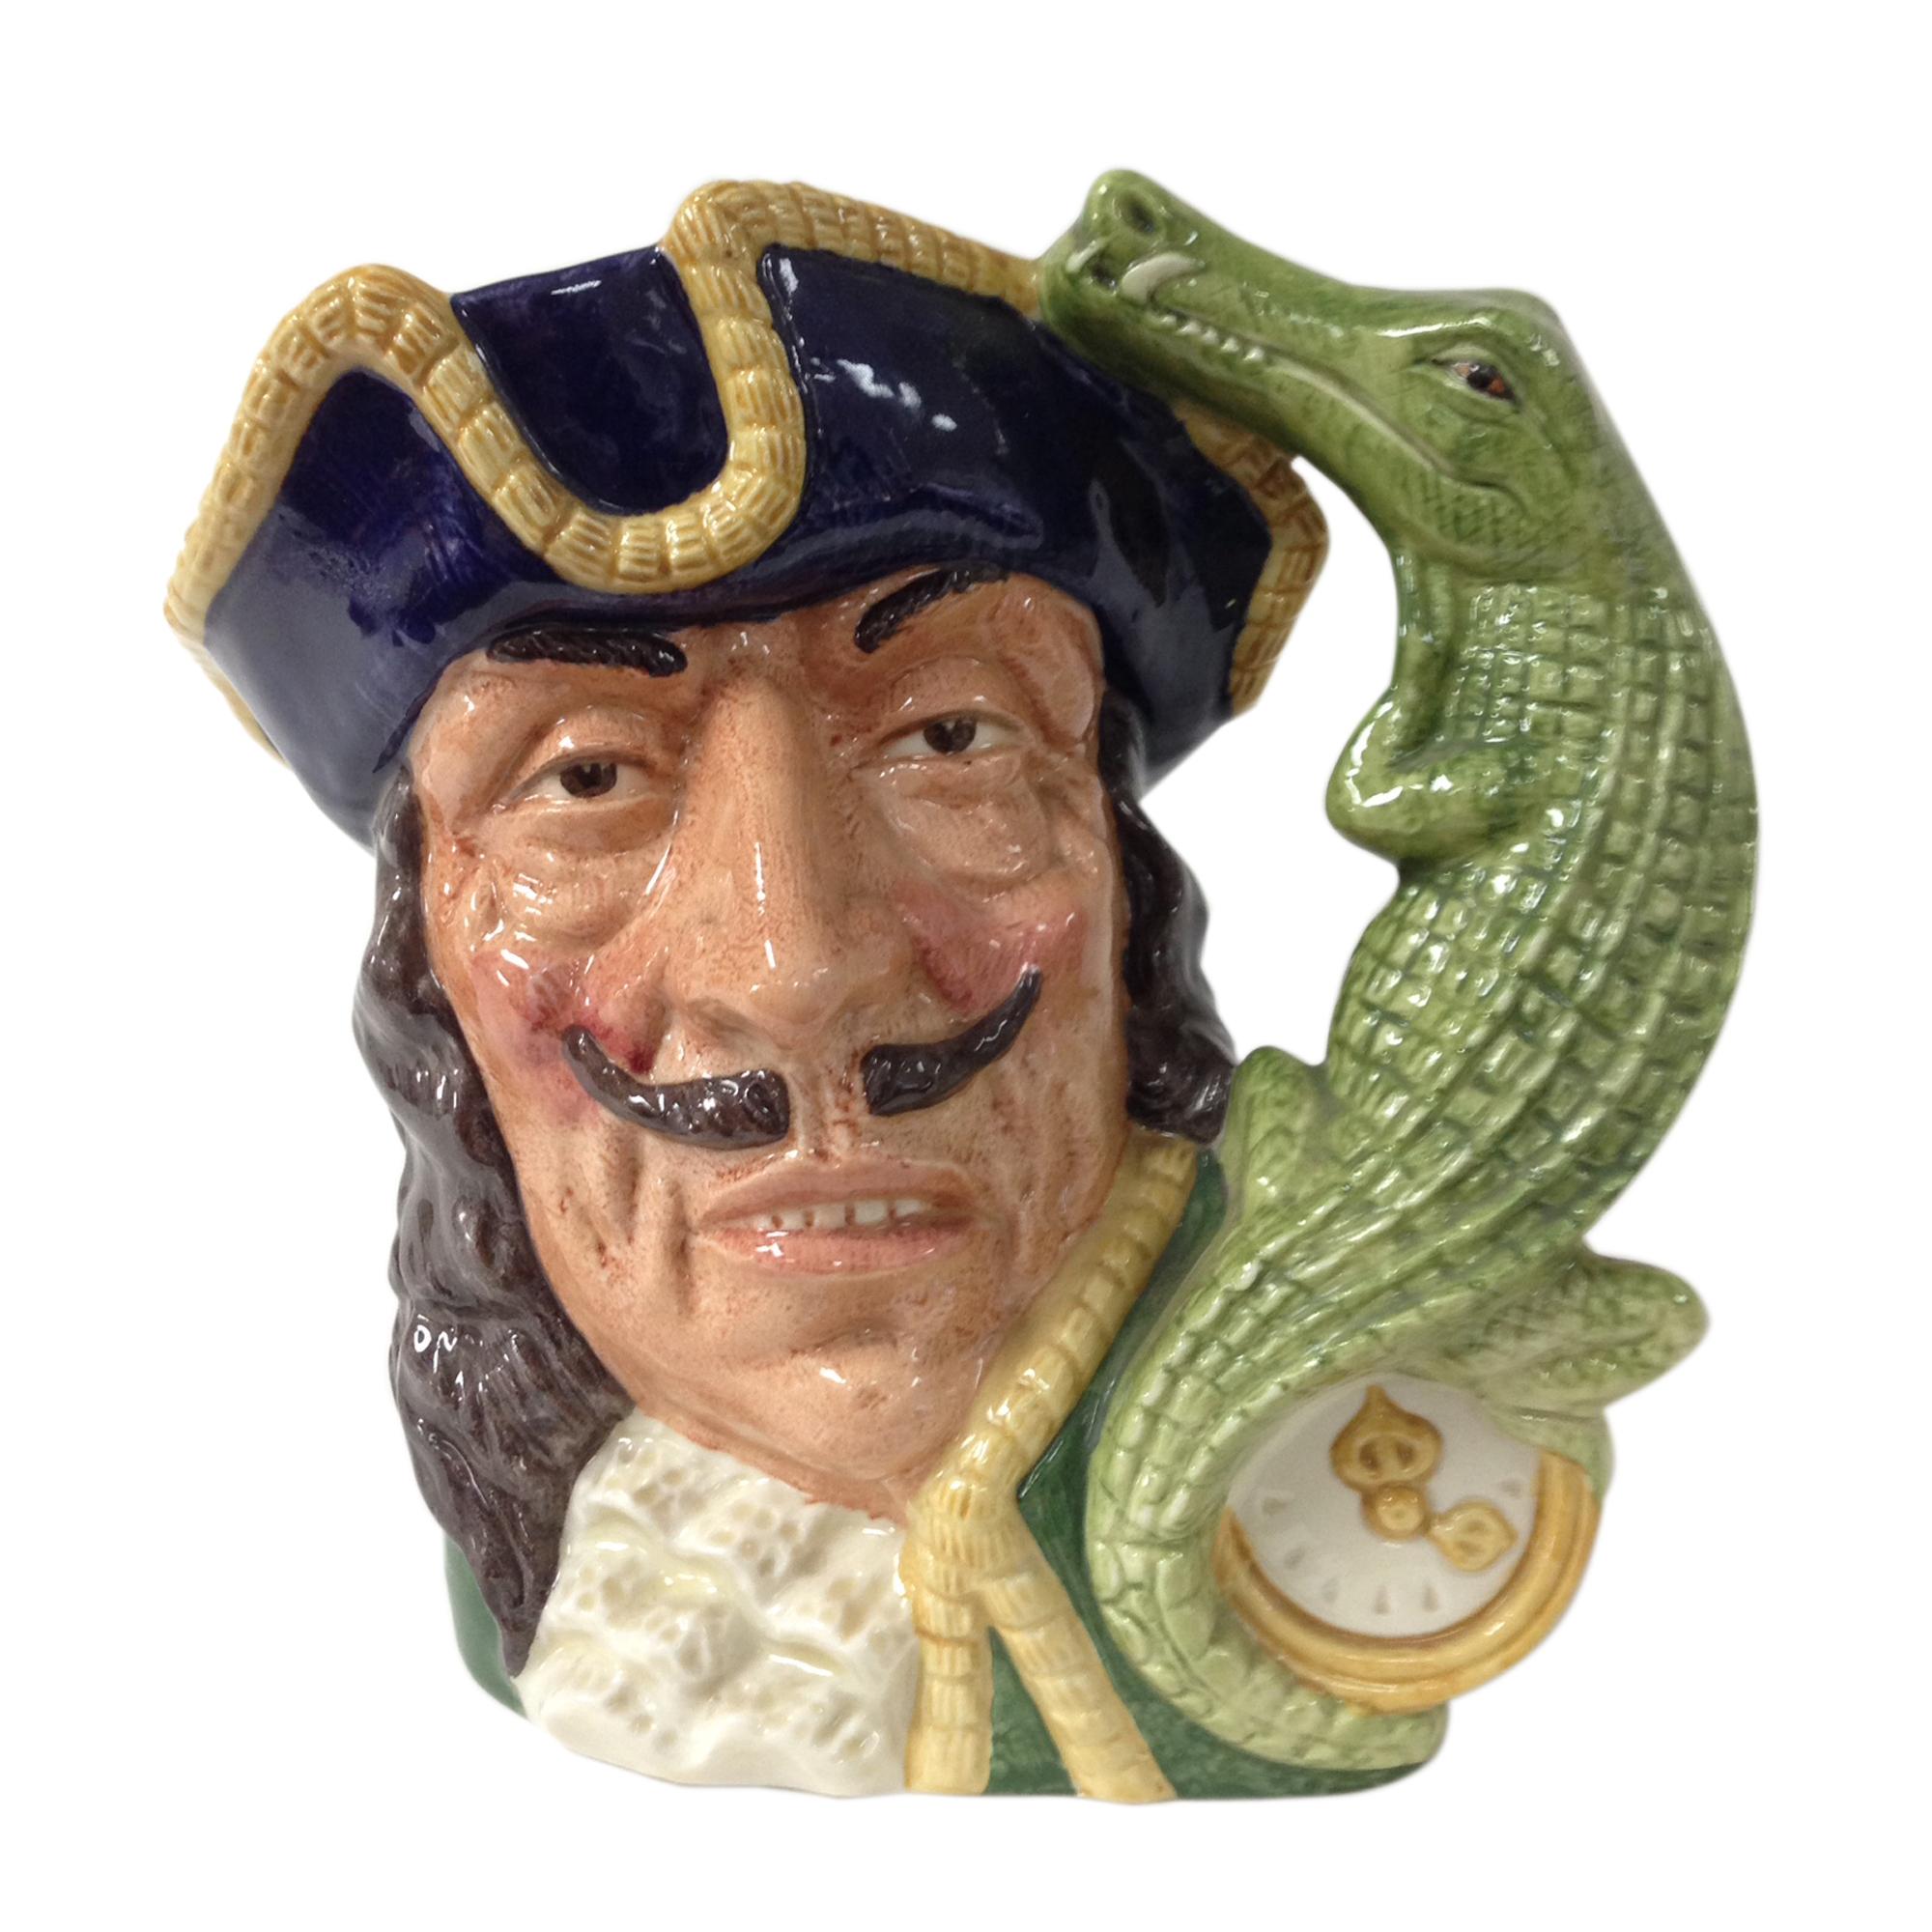 Capt Hook Clock Handle - Bone China D6597 - Large - Royal Doulton Character Jug